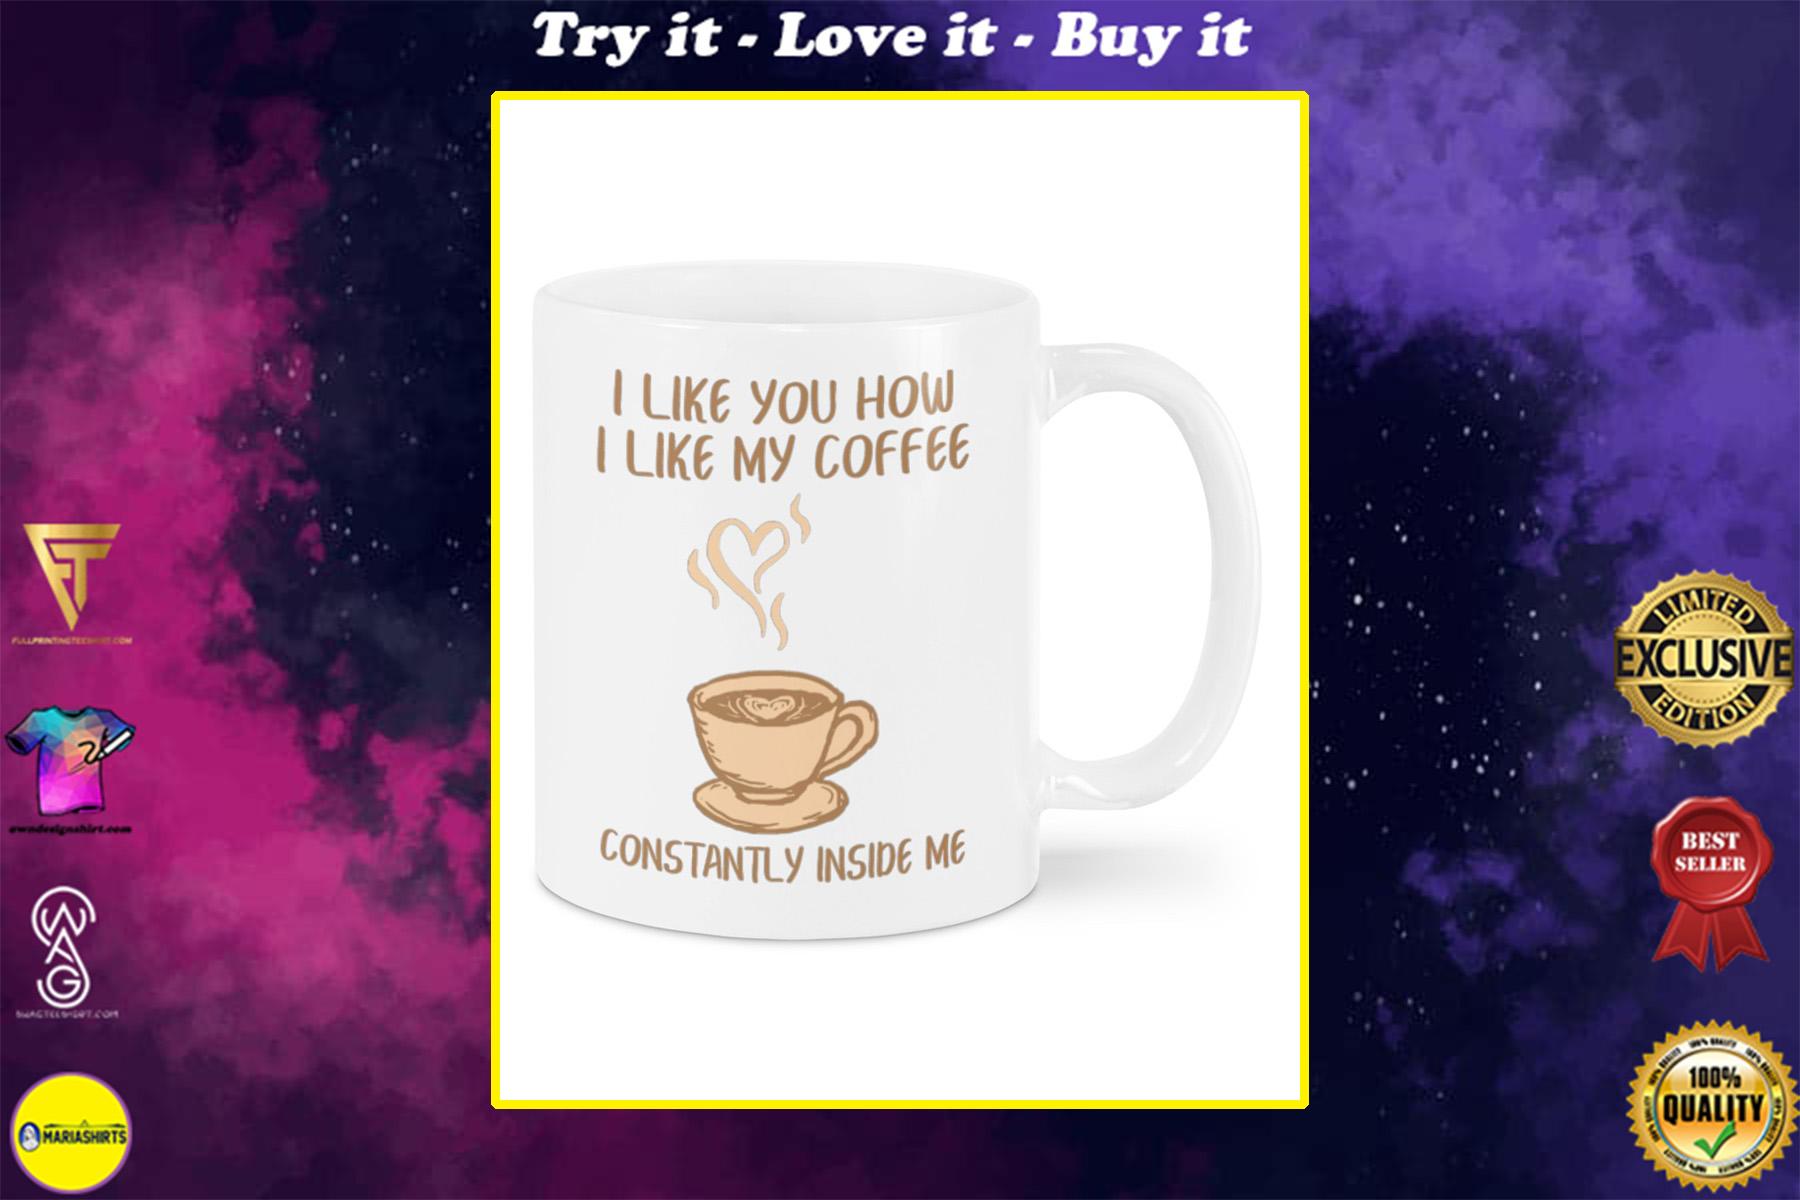 i like you how i like my coffee constantly inside me happy valentine's day mug